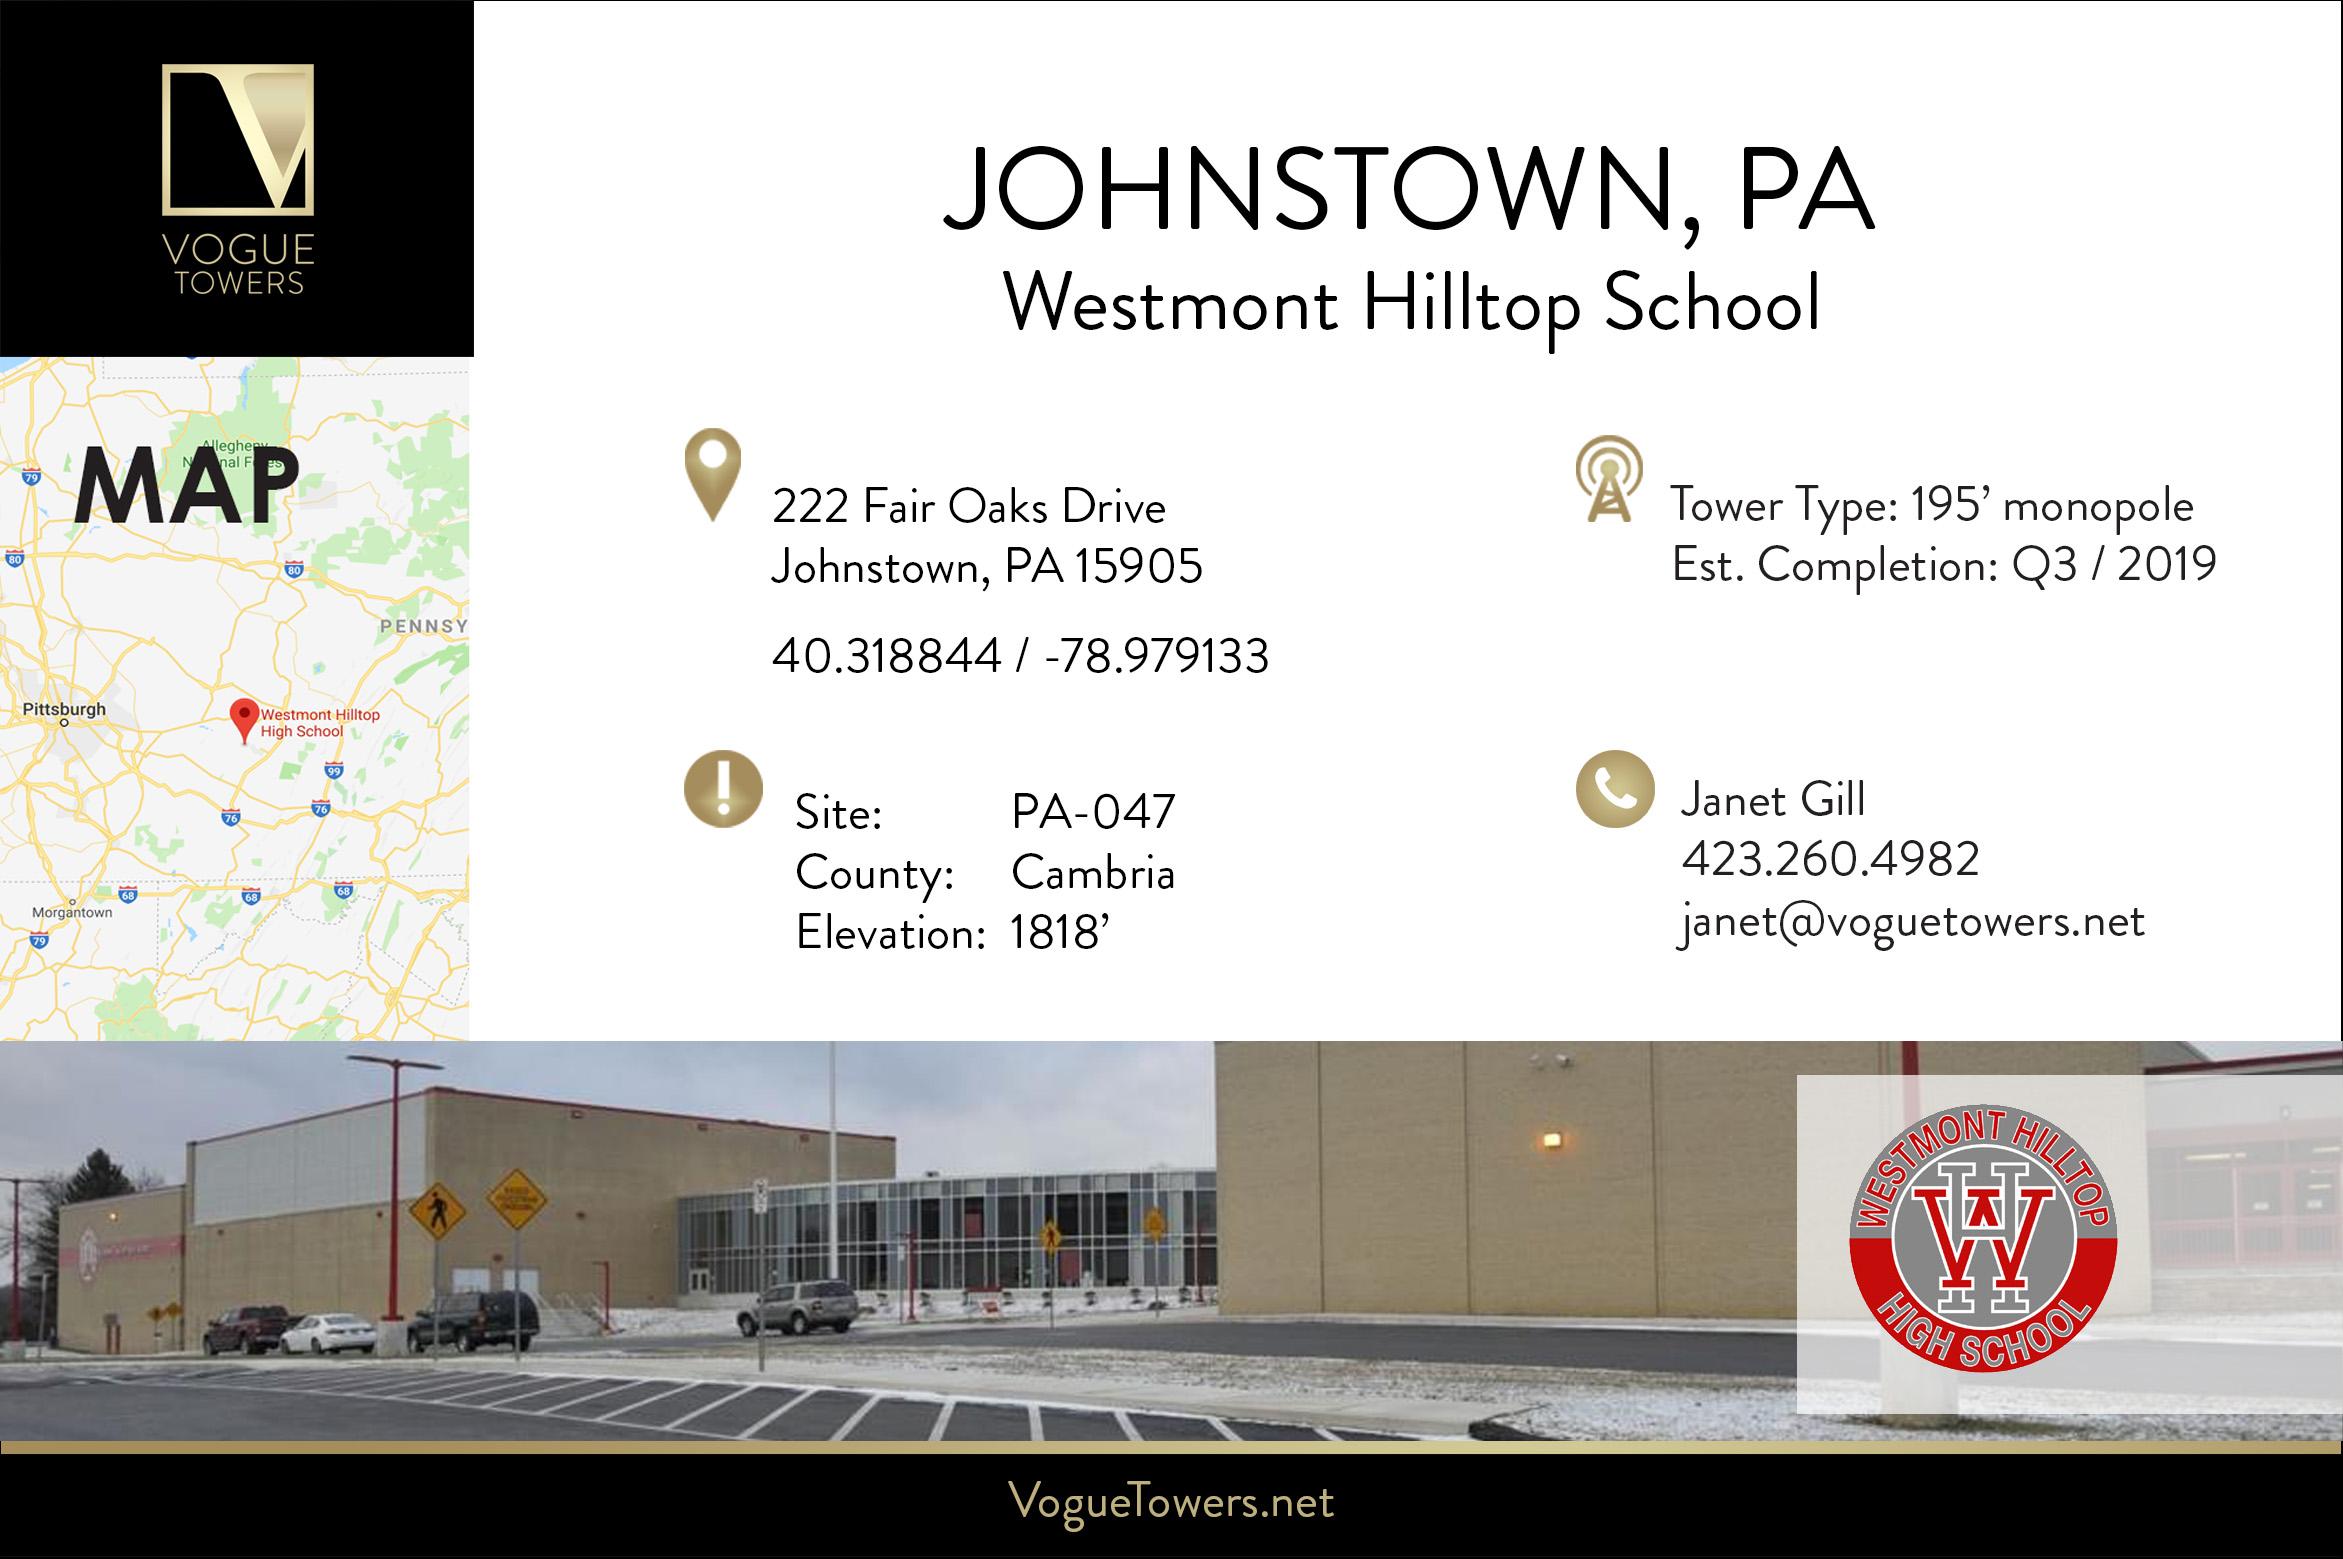 VT - Tower Sheet - Westmont hilltop school.jpg